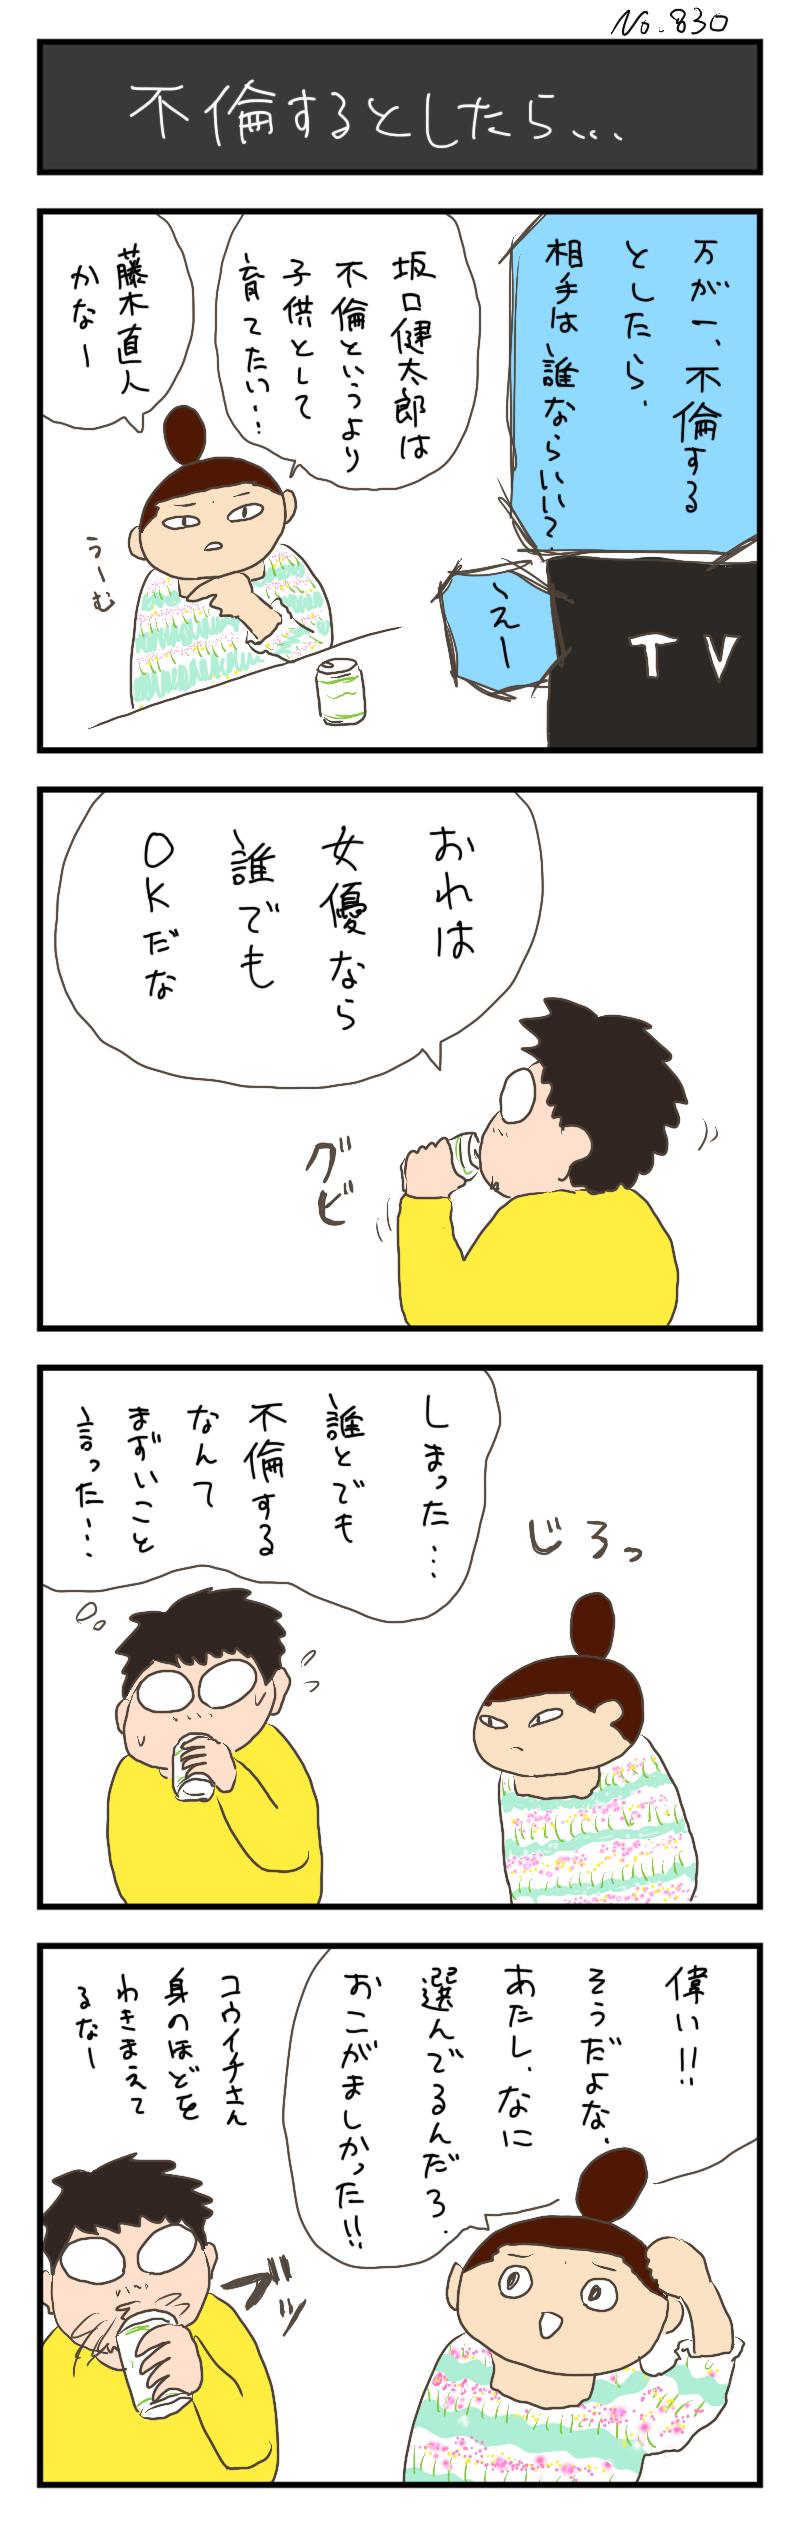 830-不倫-俳優-女優